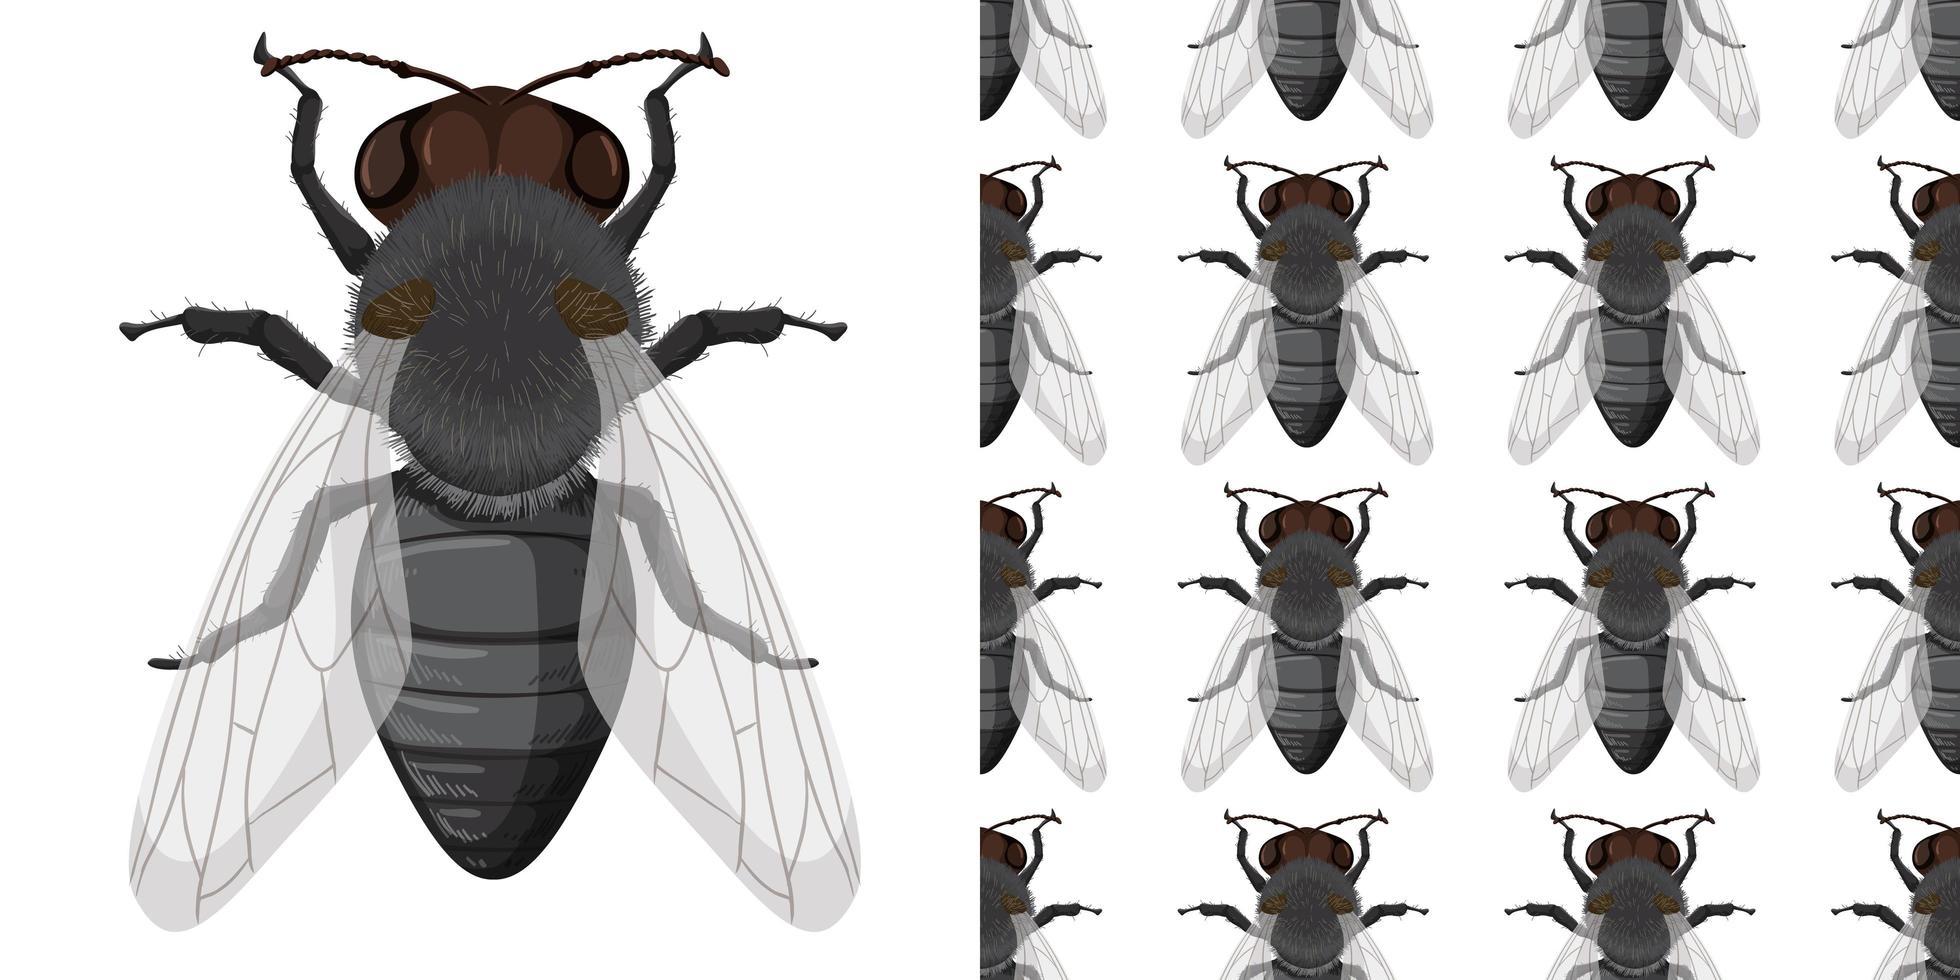 mosca insecto y fondo transparente vector